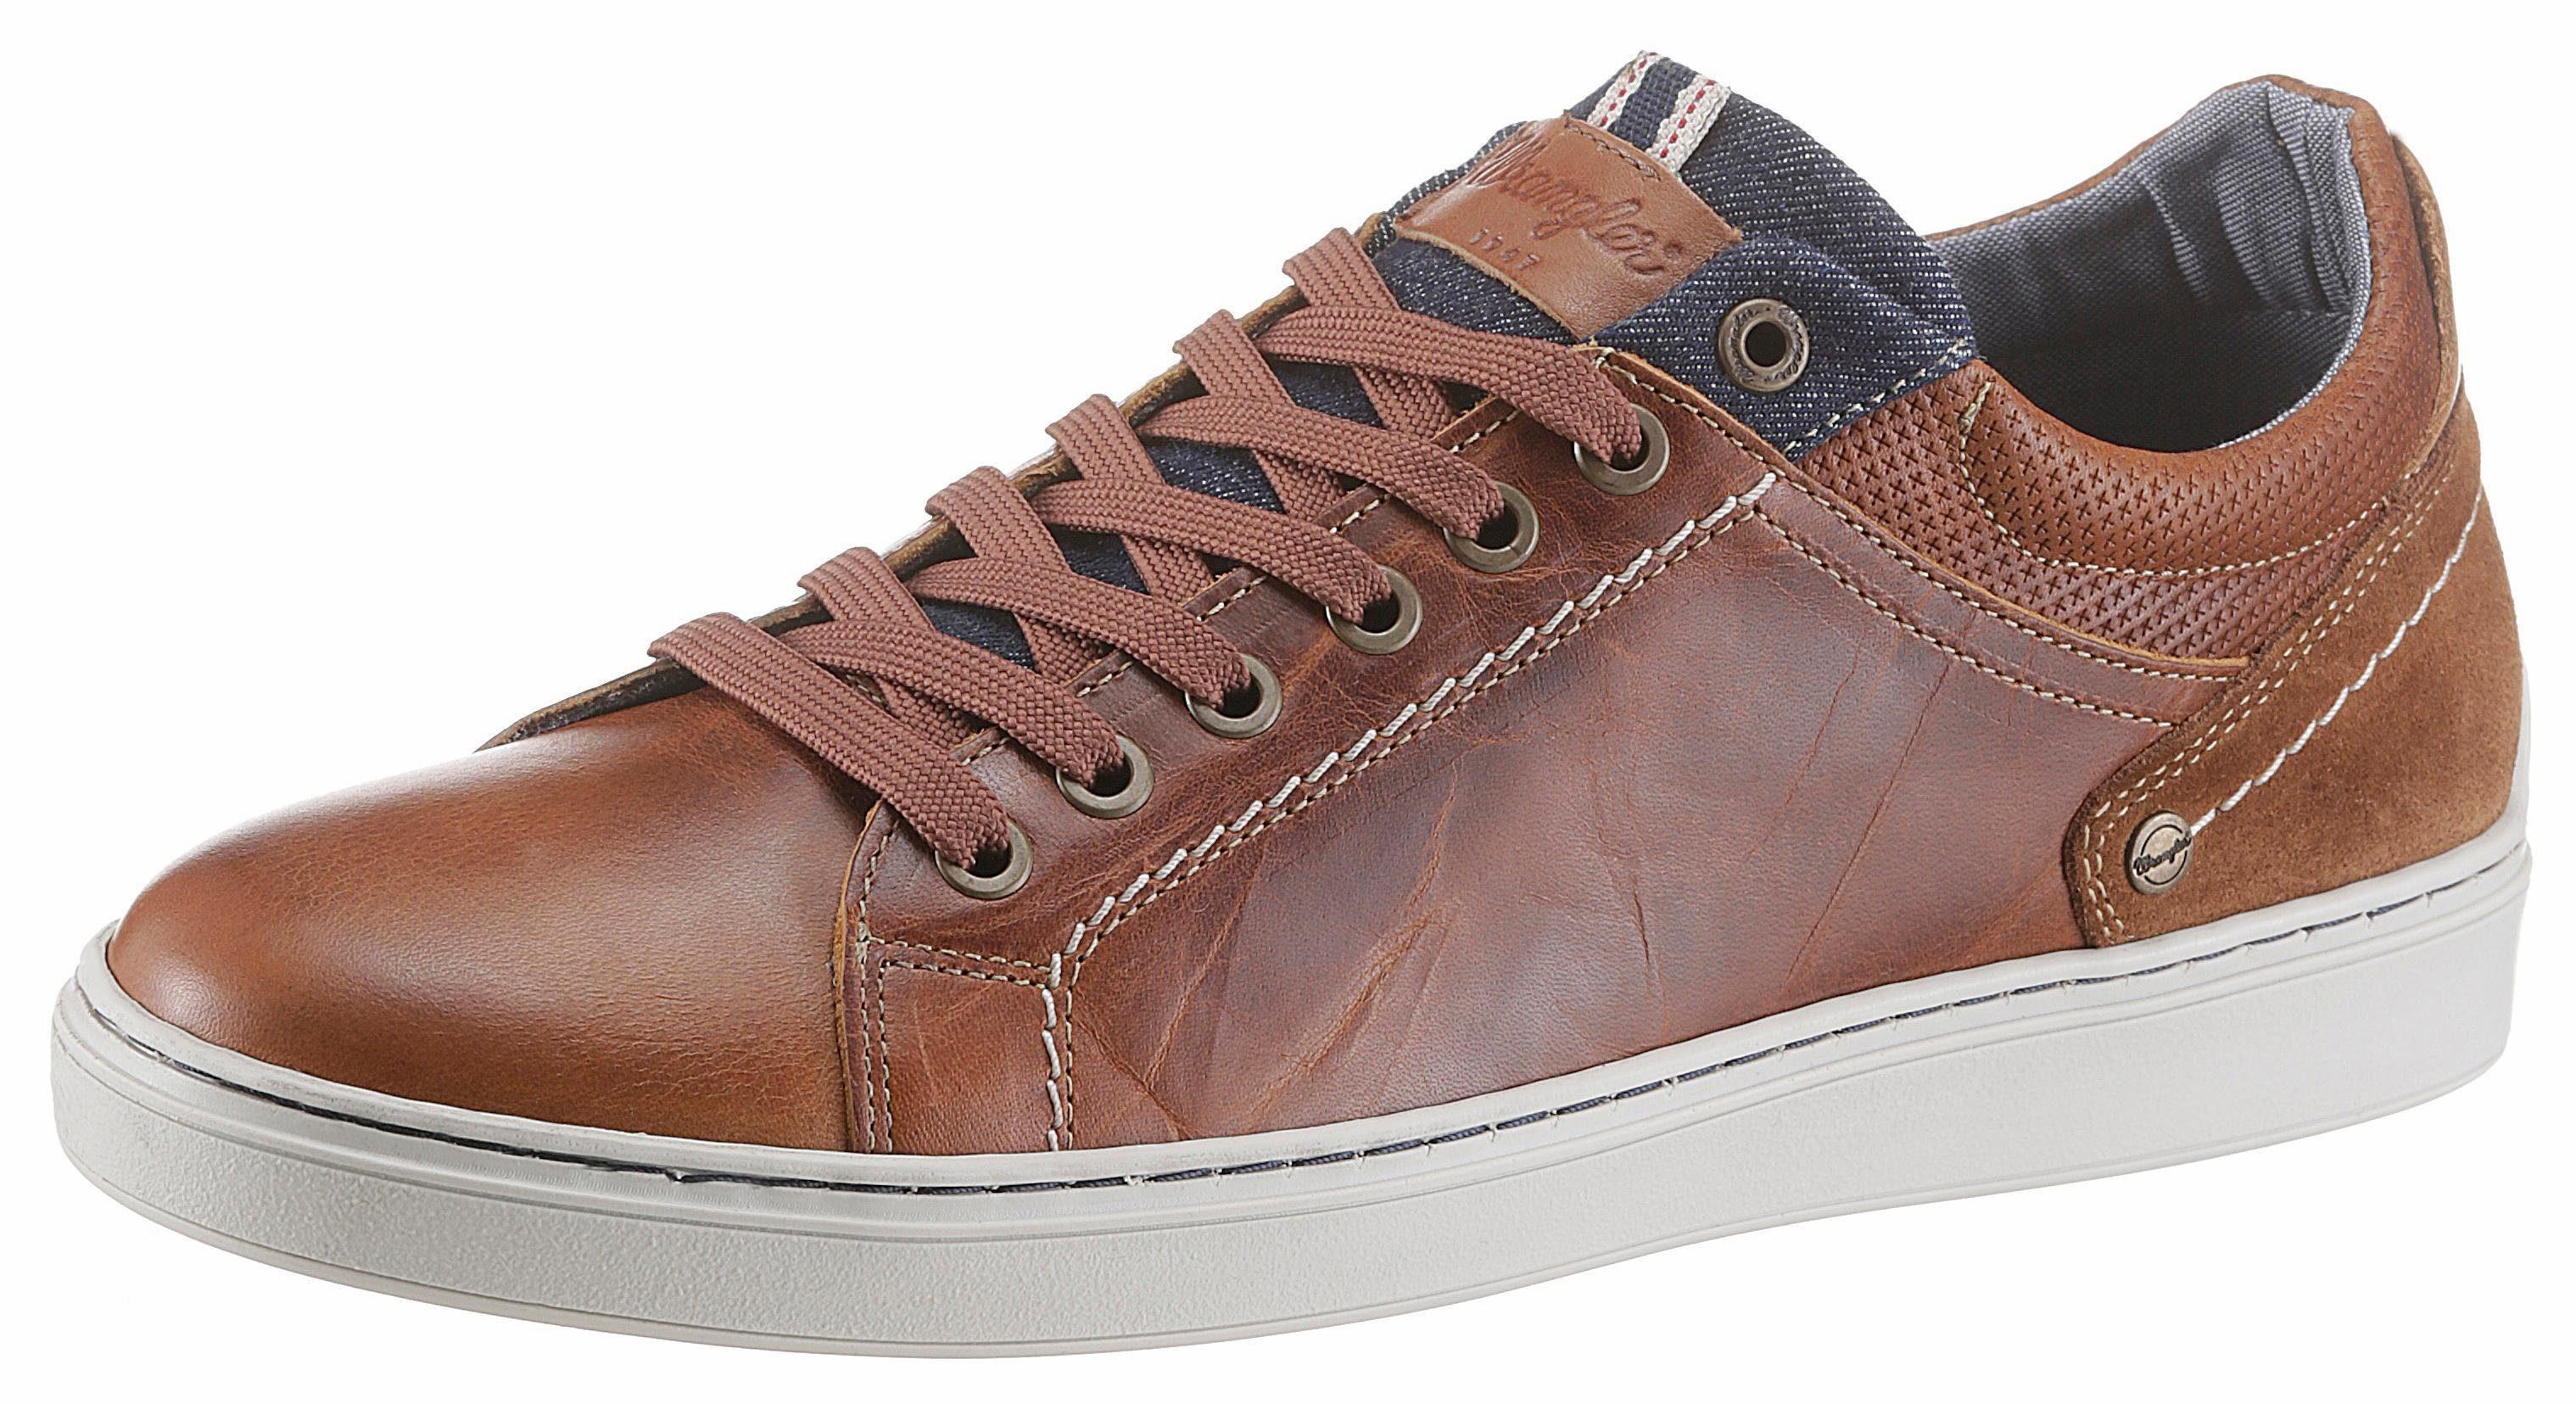 Wrangler Owen Derby Sneaker, mit Jeanseinsatz an der Zunge online kaufen  cognac-used